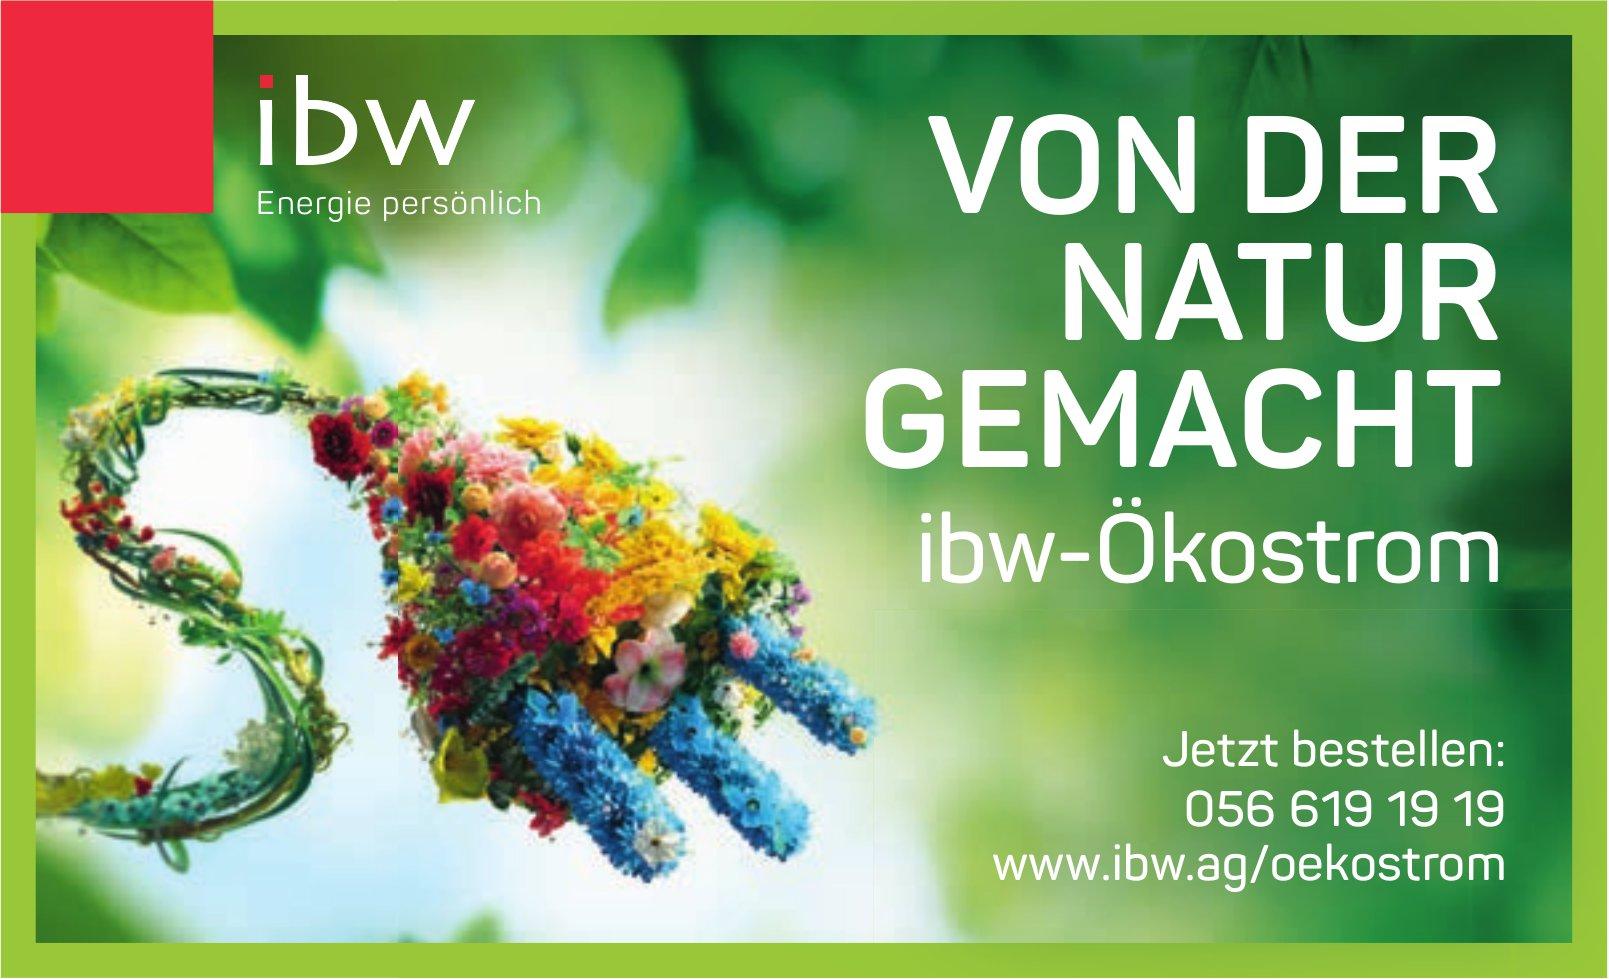 Von der Natur gemacht - IBW-Ökostrom